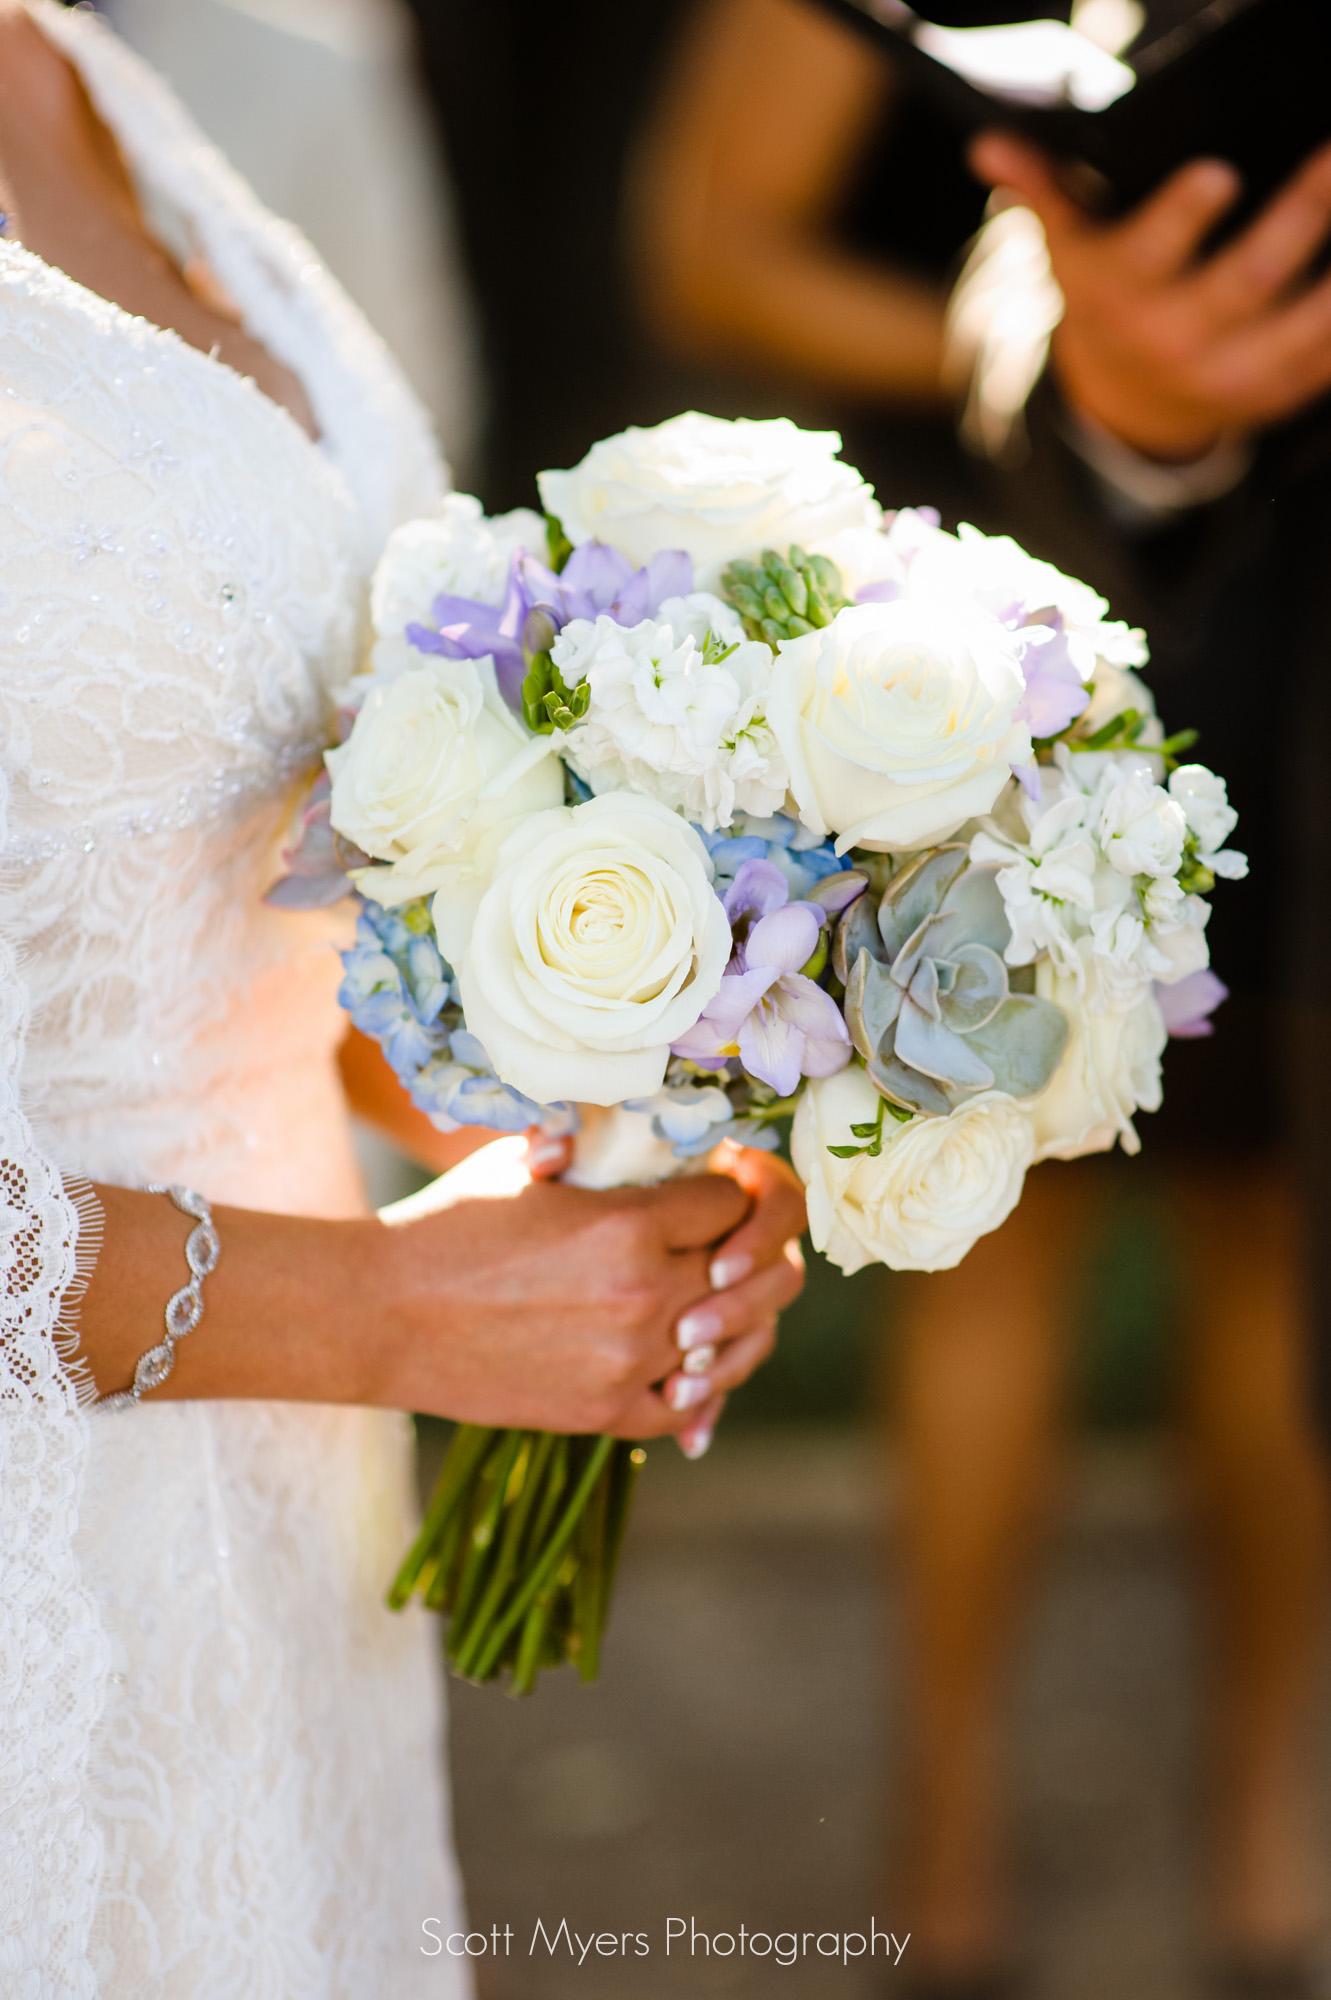 Scott_Myers_Wedding_New_Orleans_016.jpg